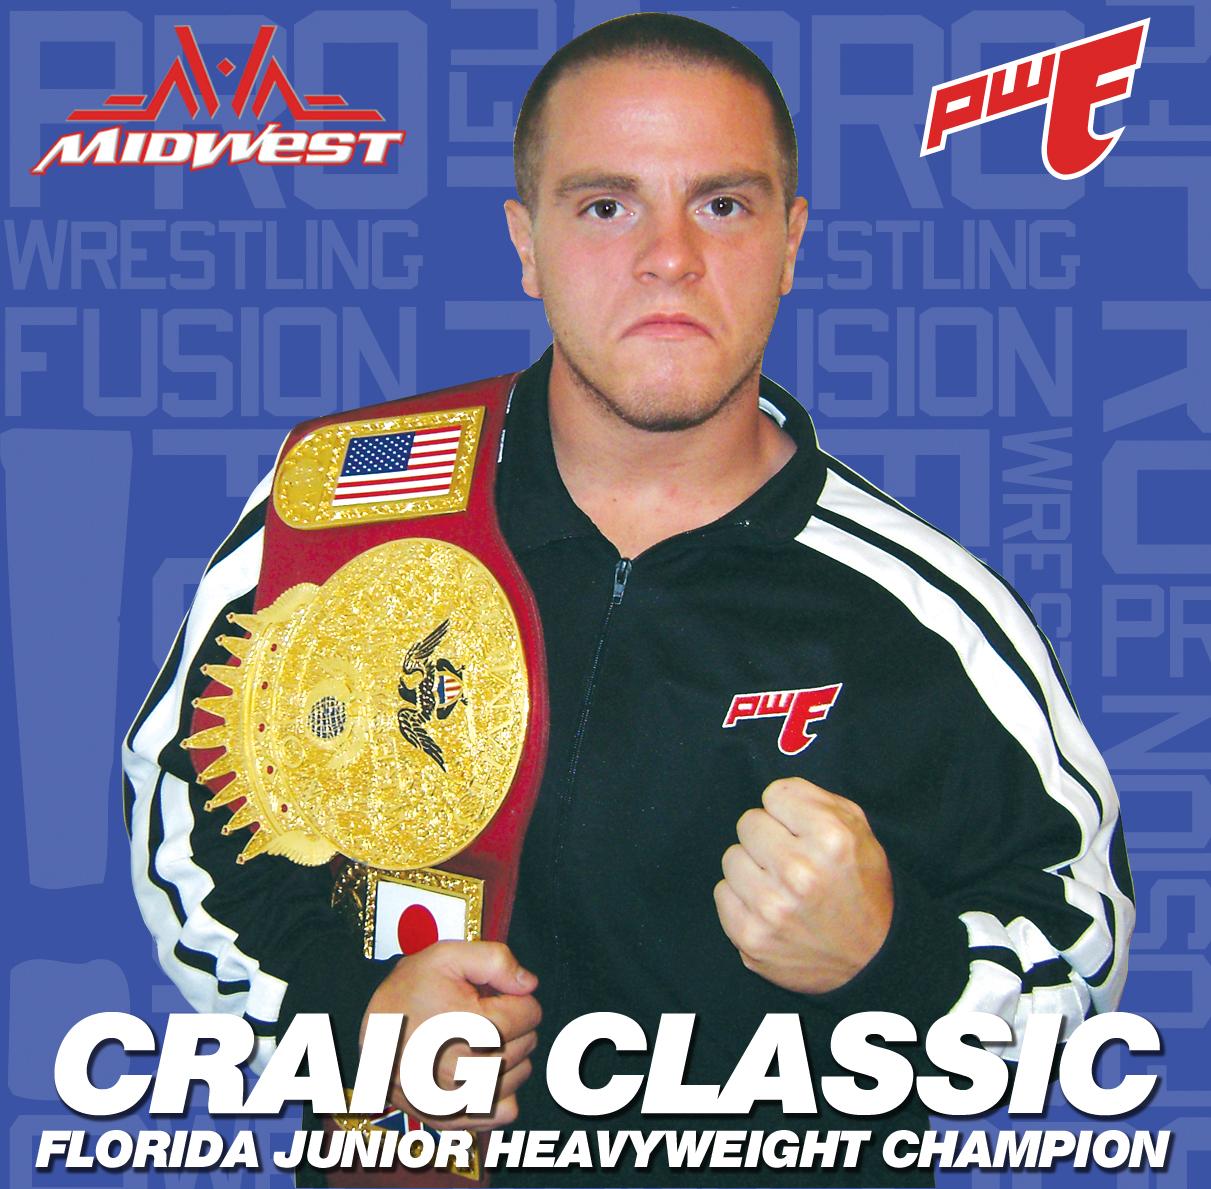 craig-classic-nwa-champion